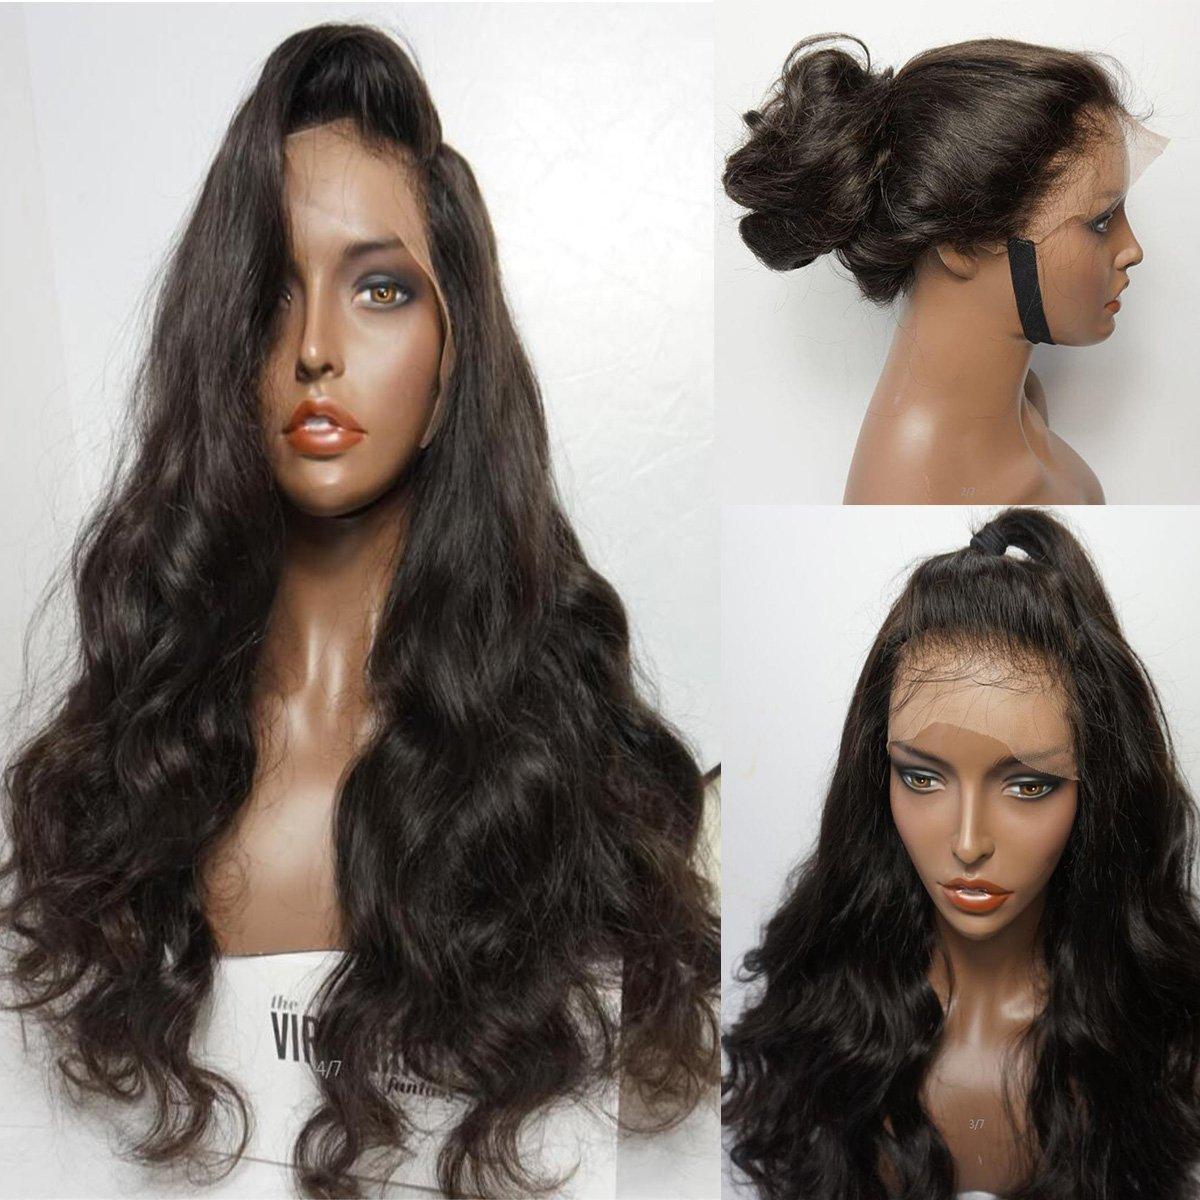 Maycaur nº 4peluca de color marrón, de pelo largo y ondulado y material sintético con parte delantera de encaje para las mujeres modernas Vanessa Queen